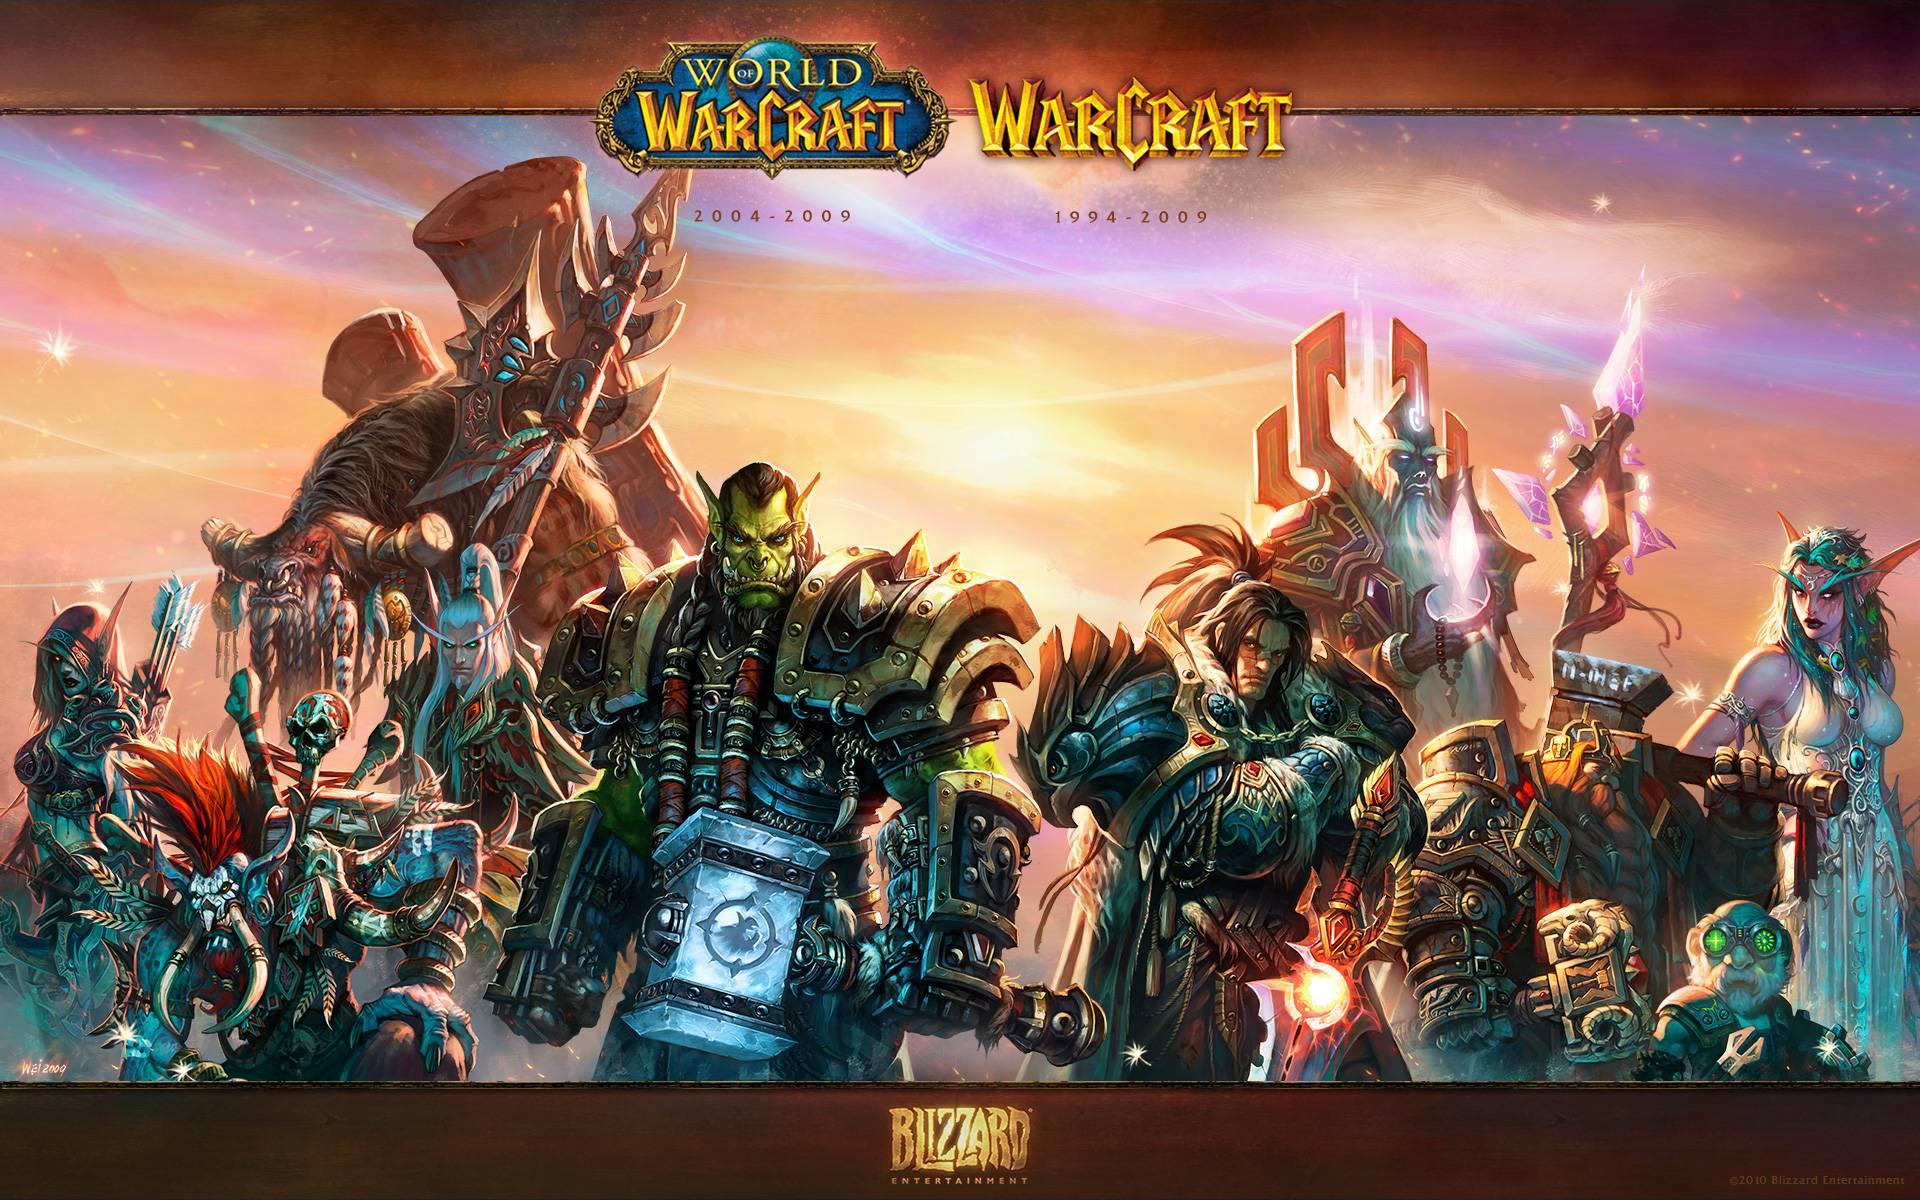 world of warcraft wallpaper – 1920×1200 High Definition Wallpaper ...